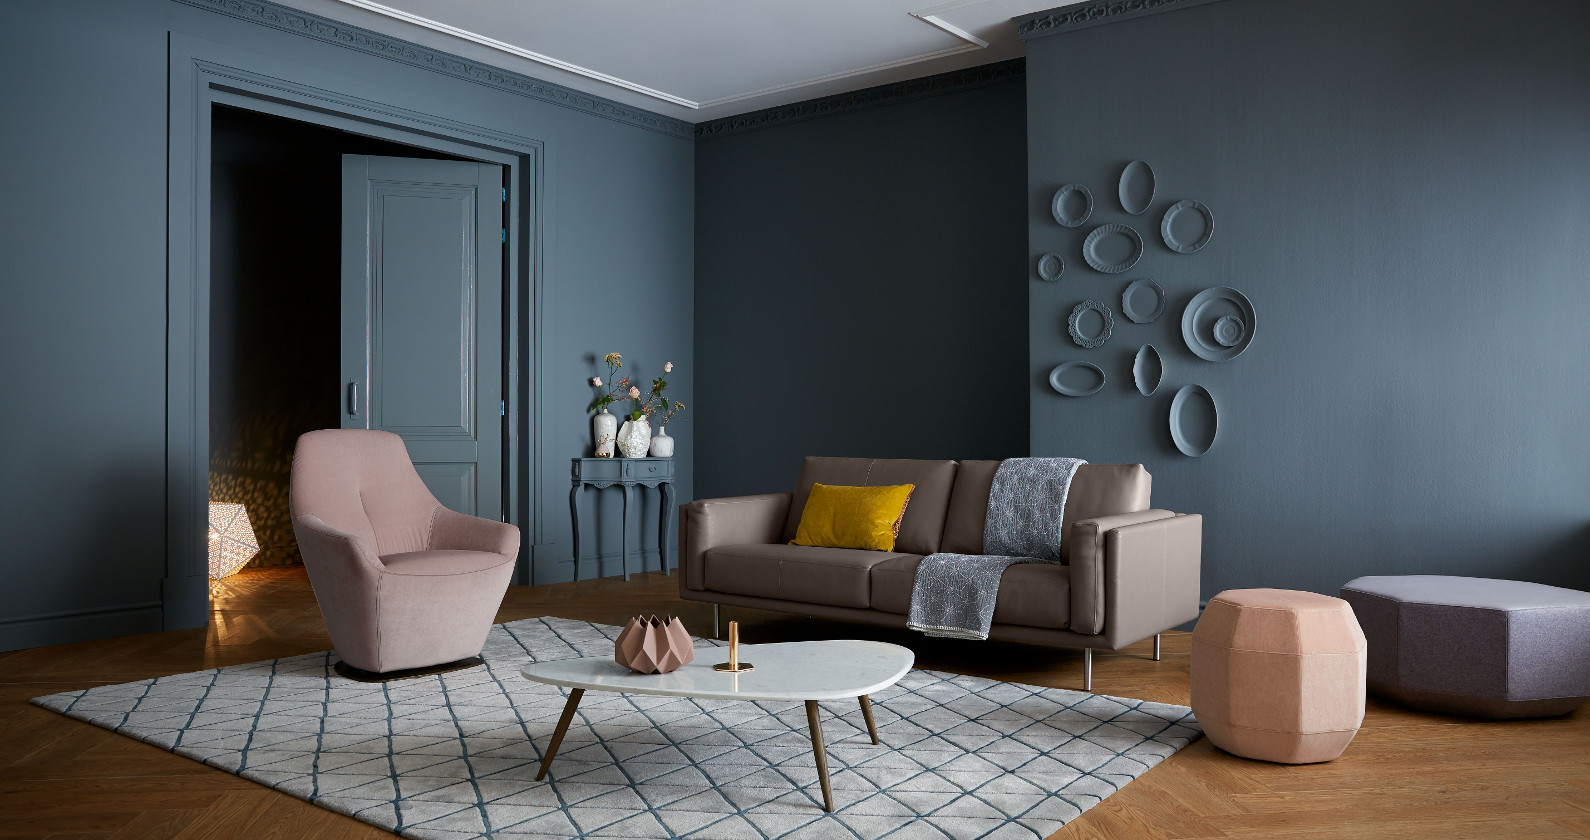 Leolux Bellice sofa in grey